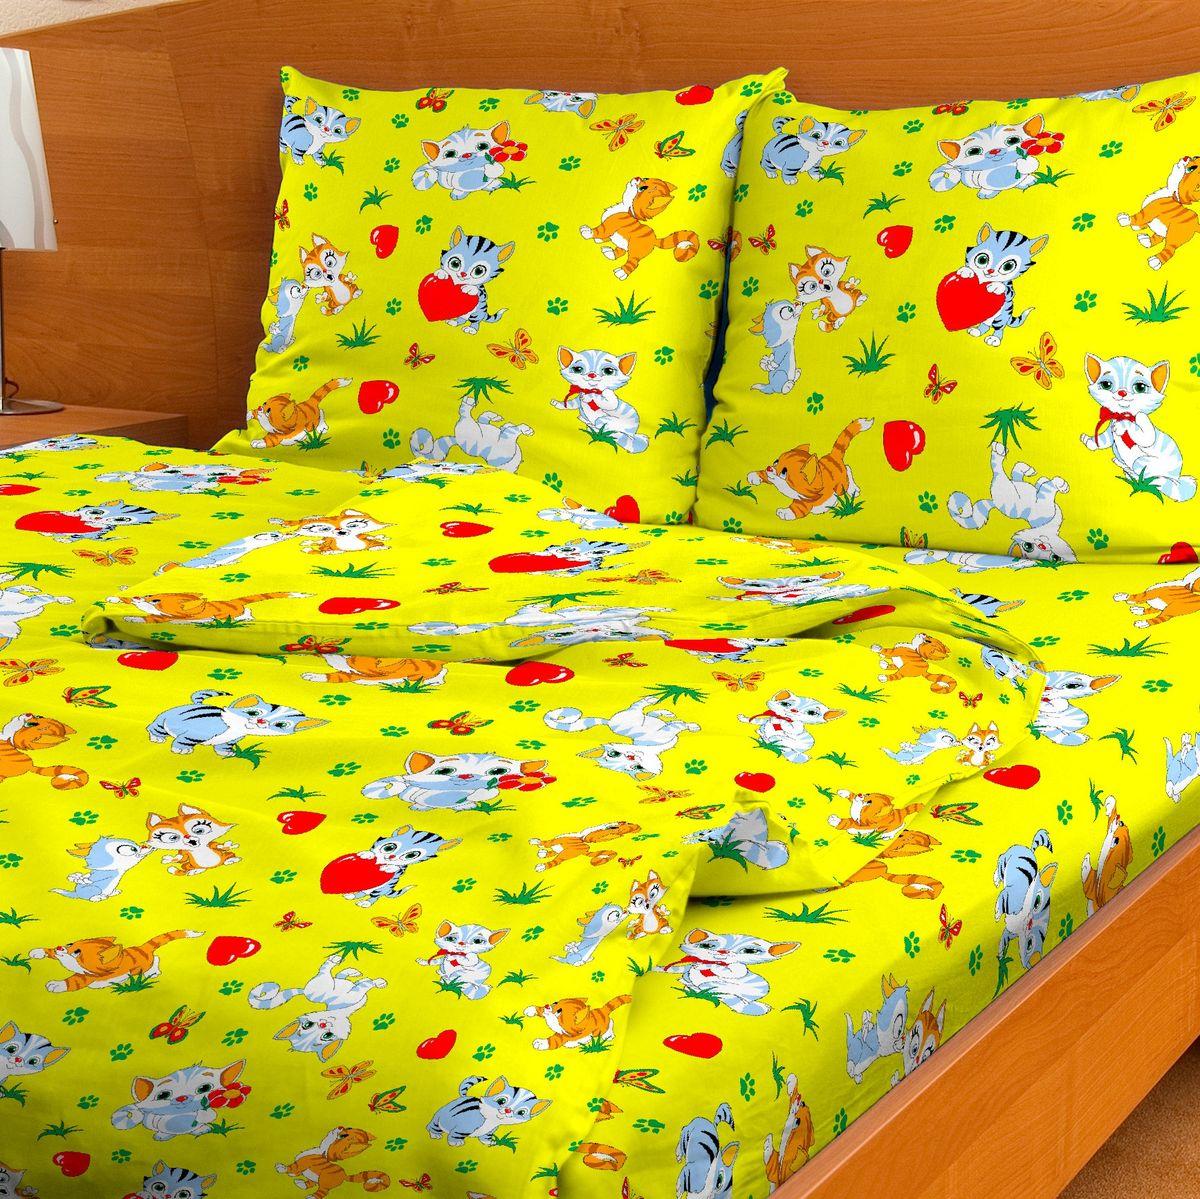 Letto Комплект детского постельного белья Мурзик -  Детский текстиль